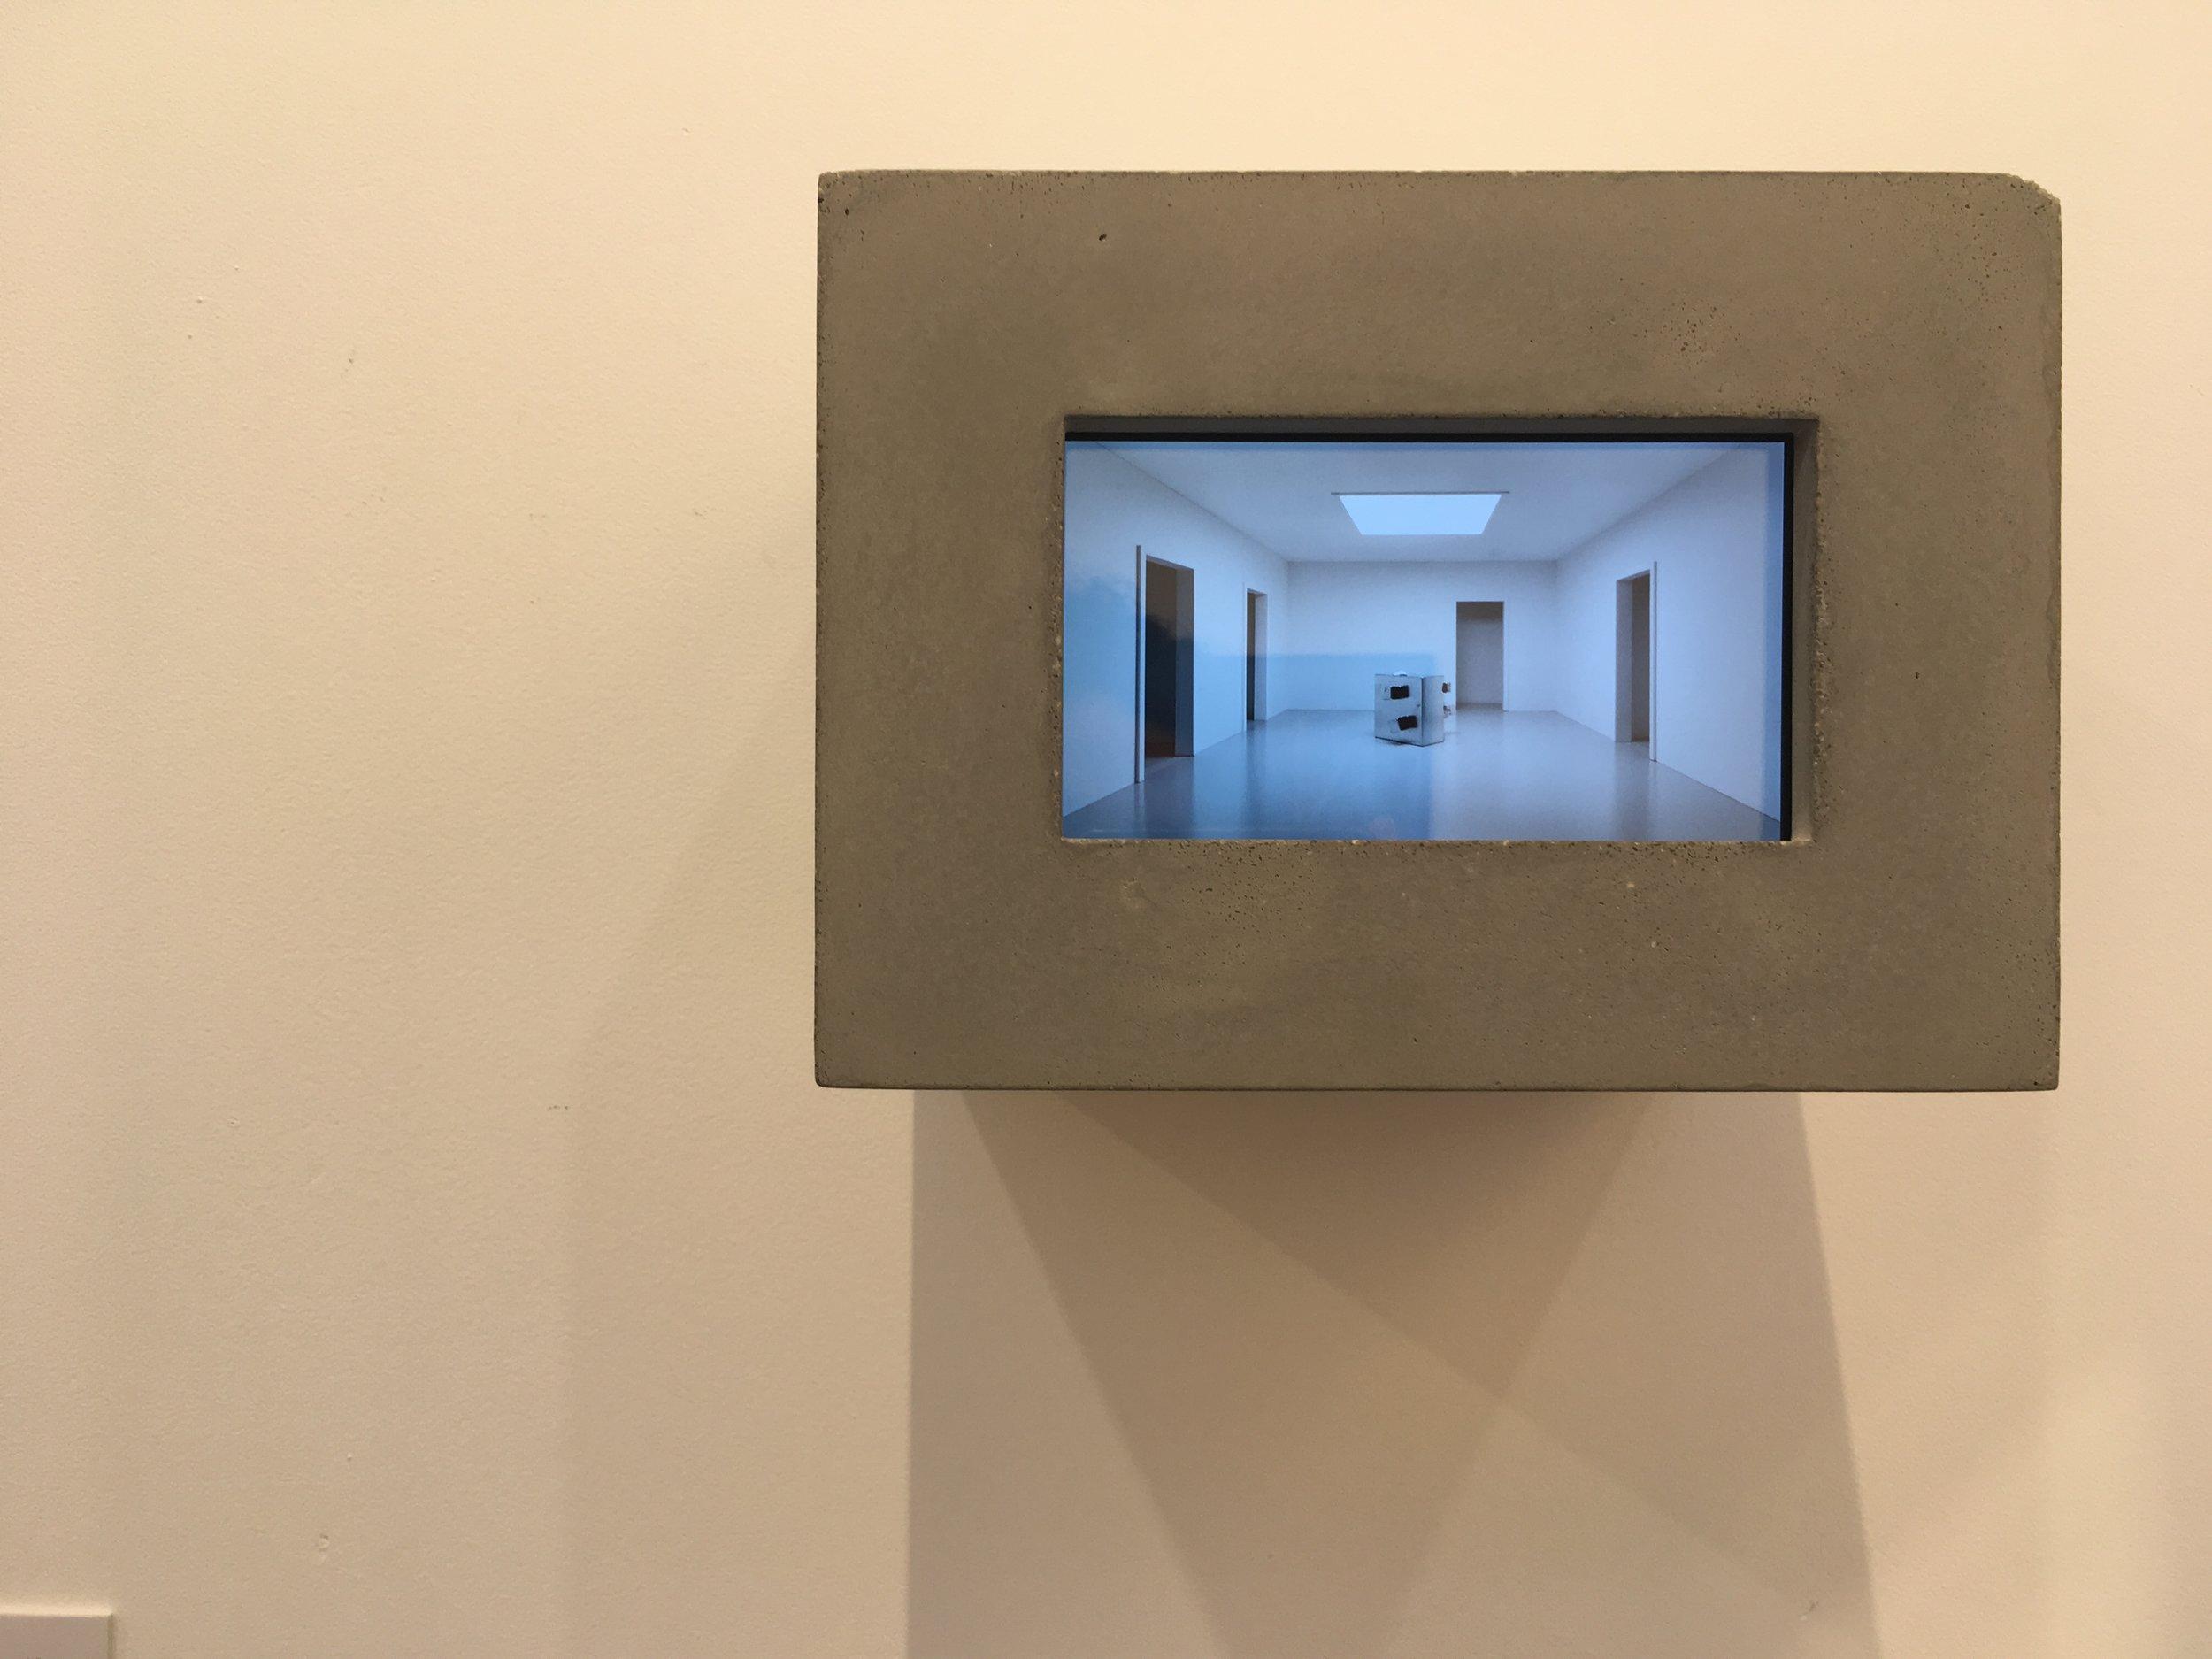 Bernd Oppl / Galerie Krinzinger, Vienna